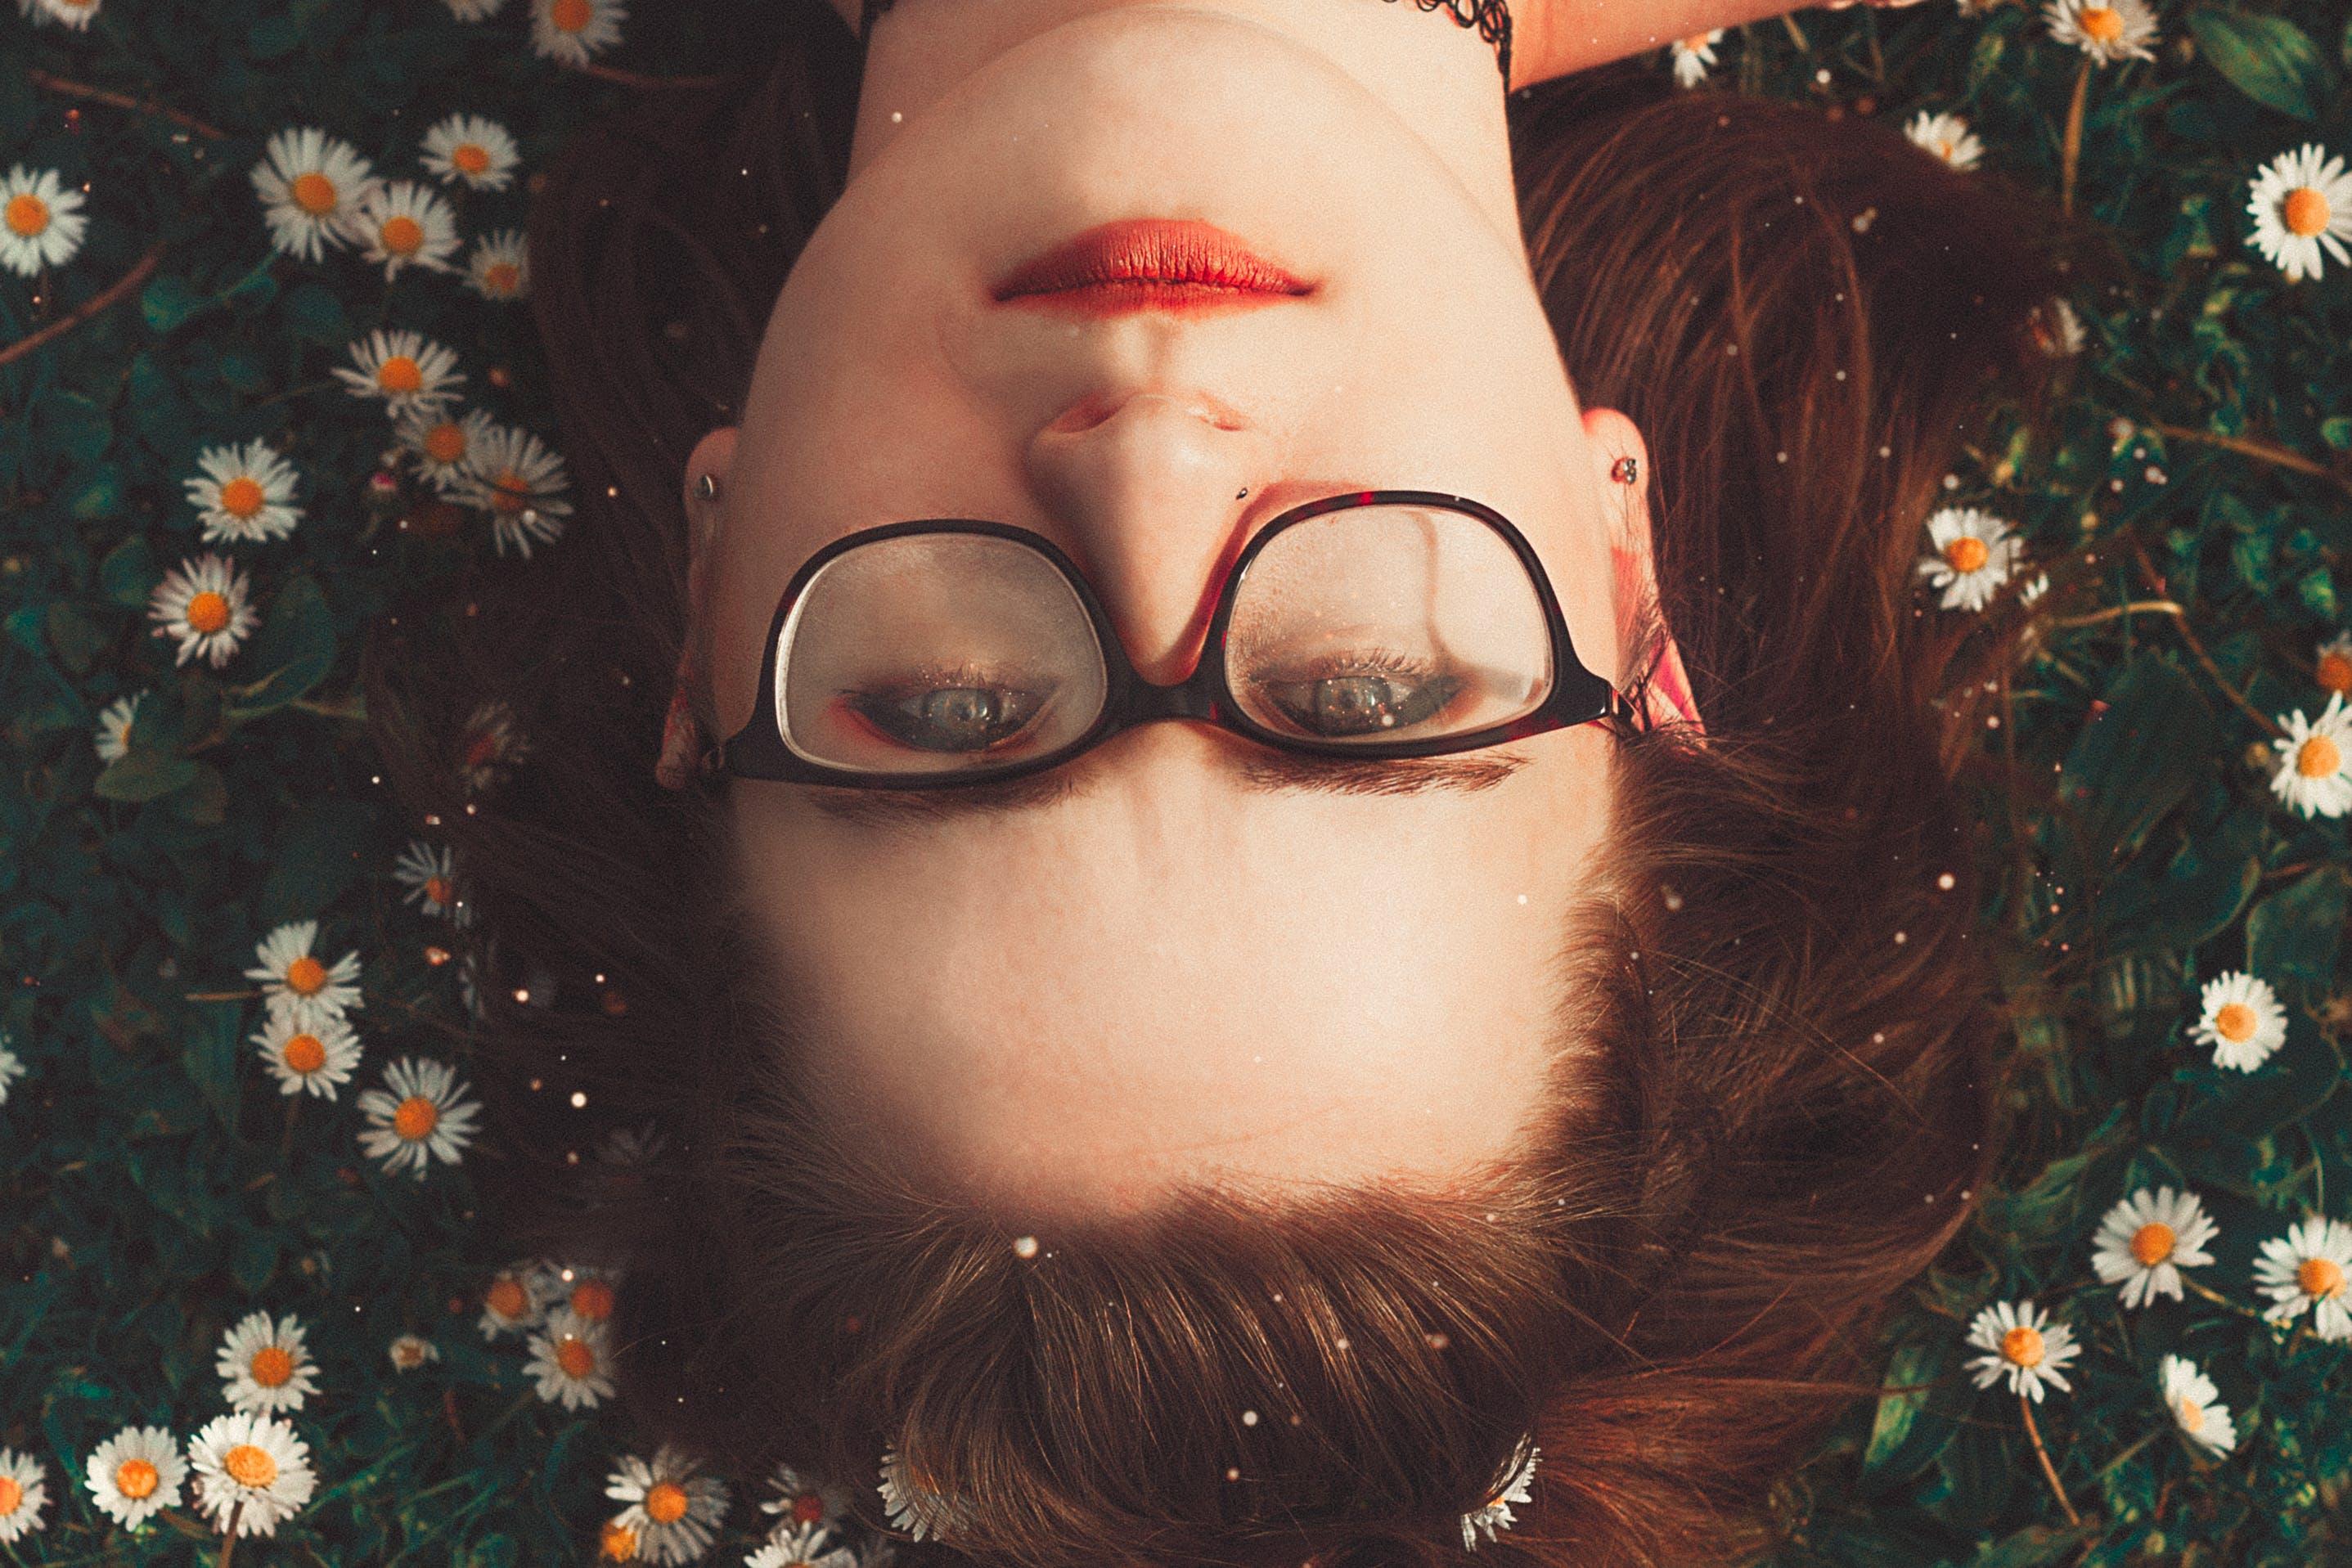 女人, 女孩, 女性, 有吸引力 的 免費圖庫相片